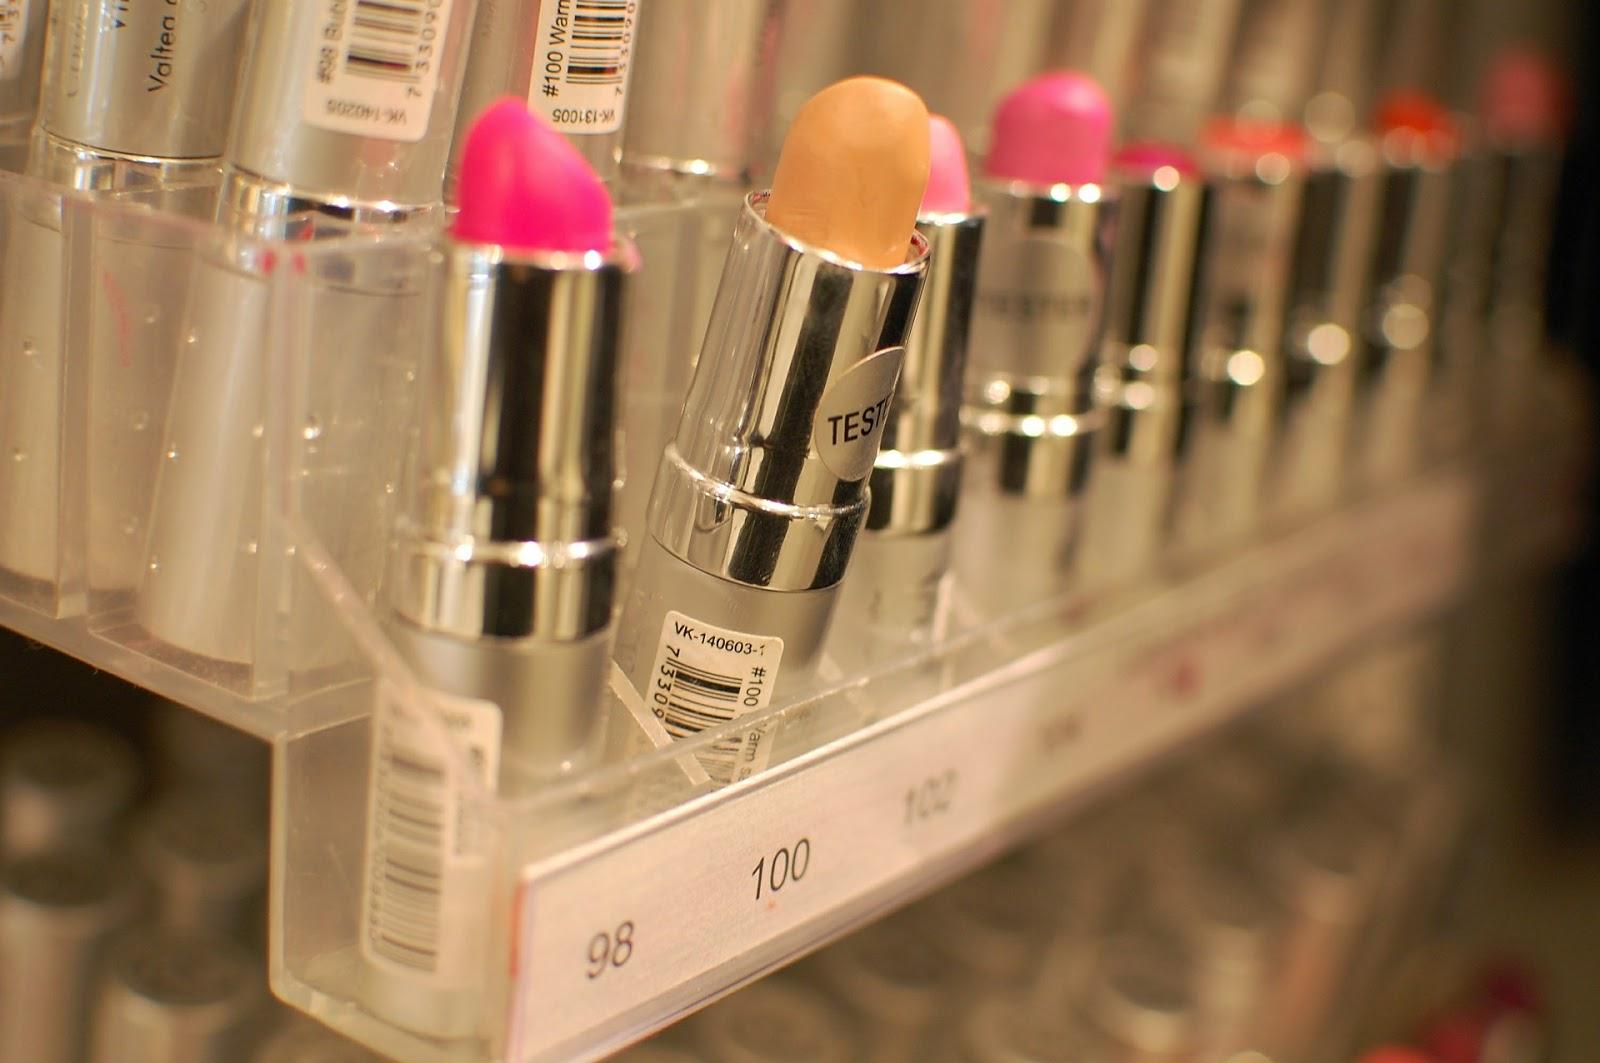 jak użyć szminkę, czy można zużyć szminkę